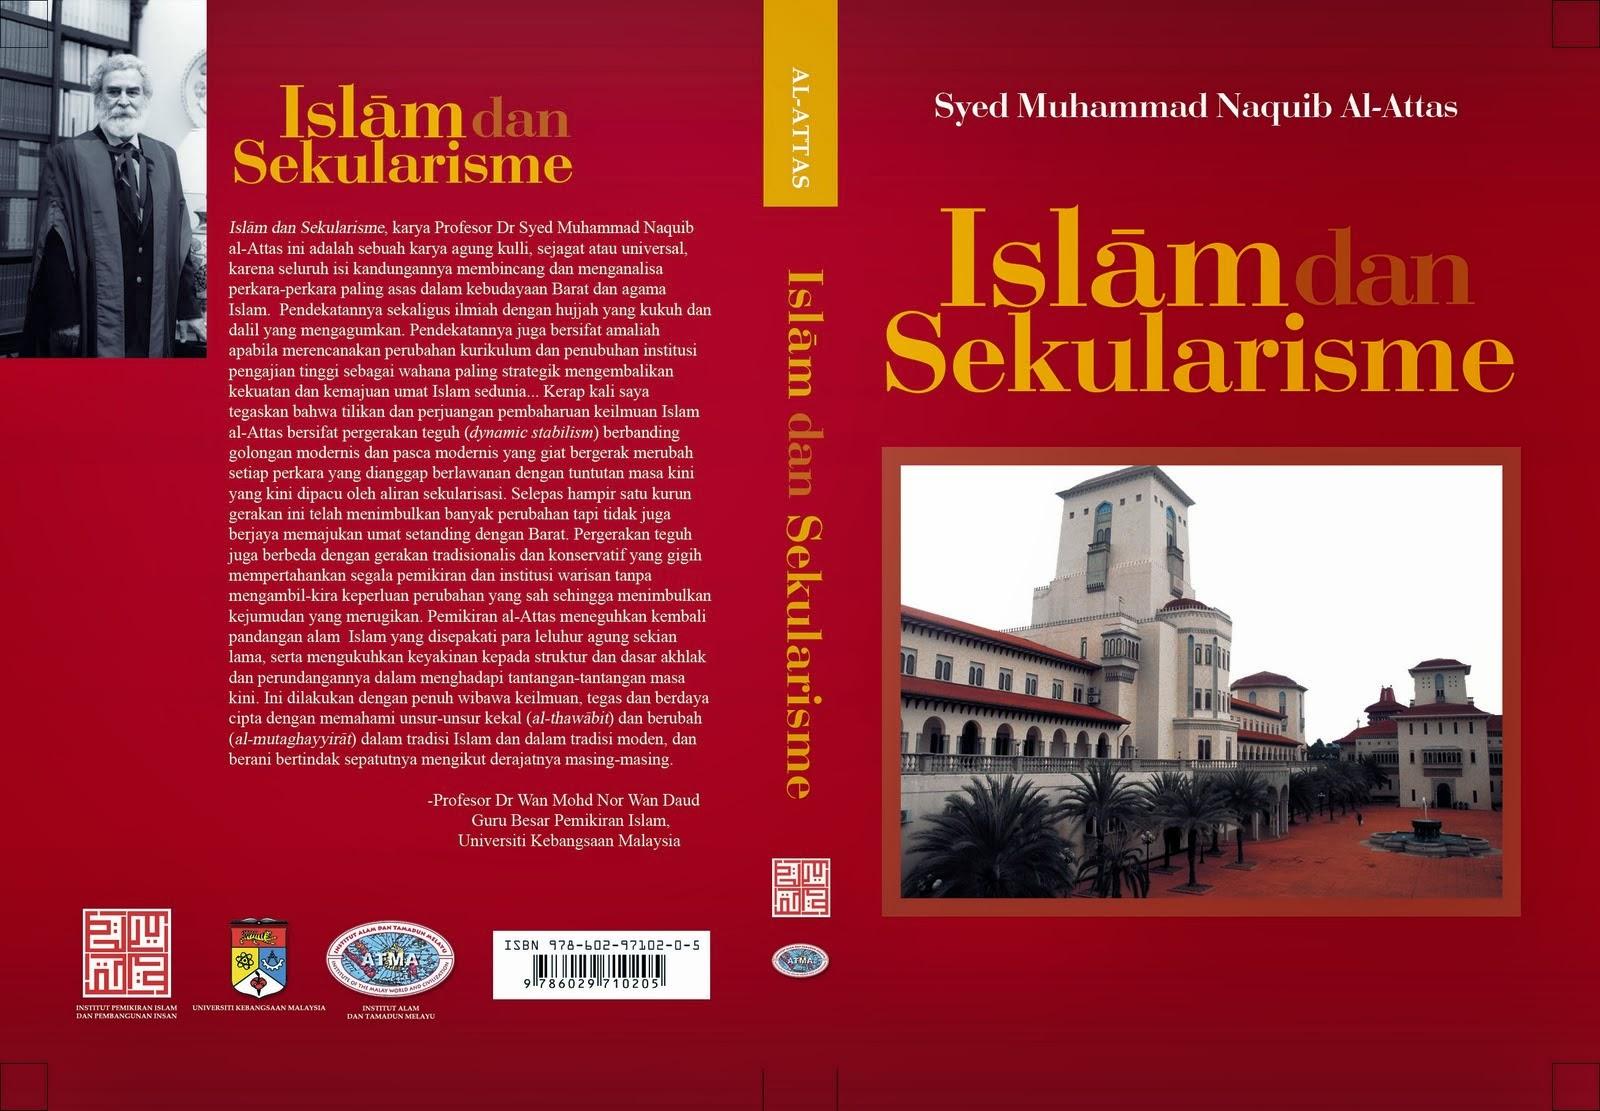 Buku Islam dan Sekularisme